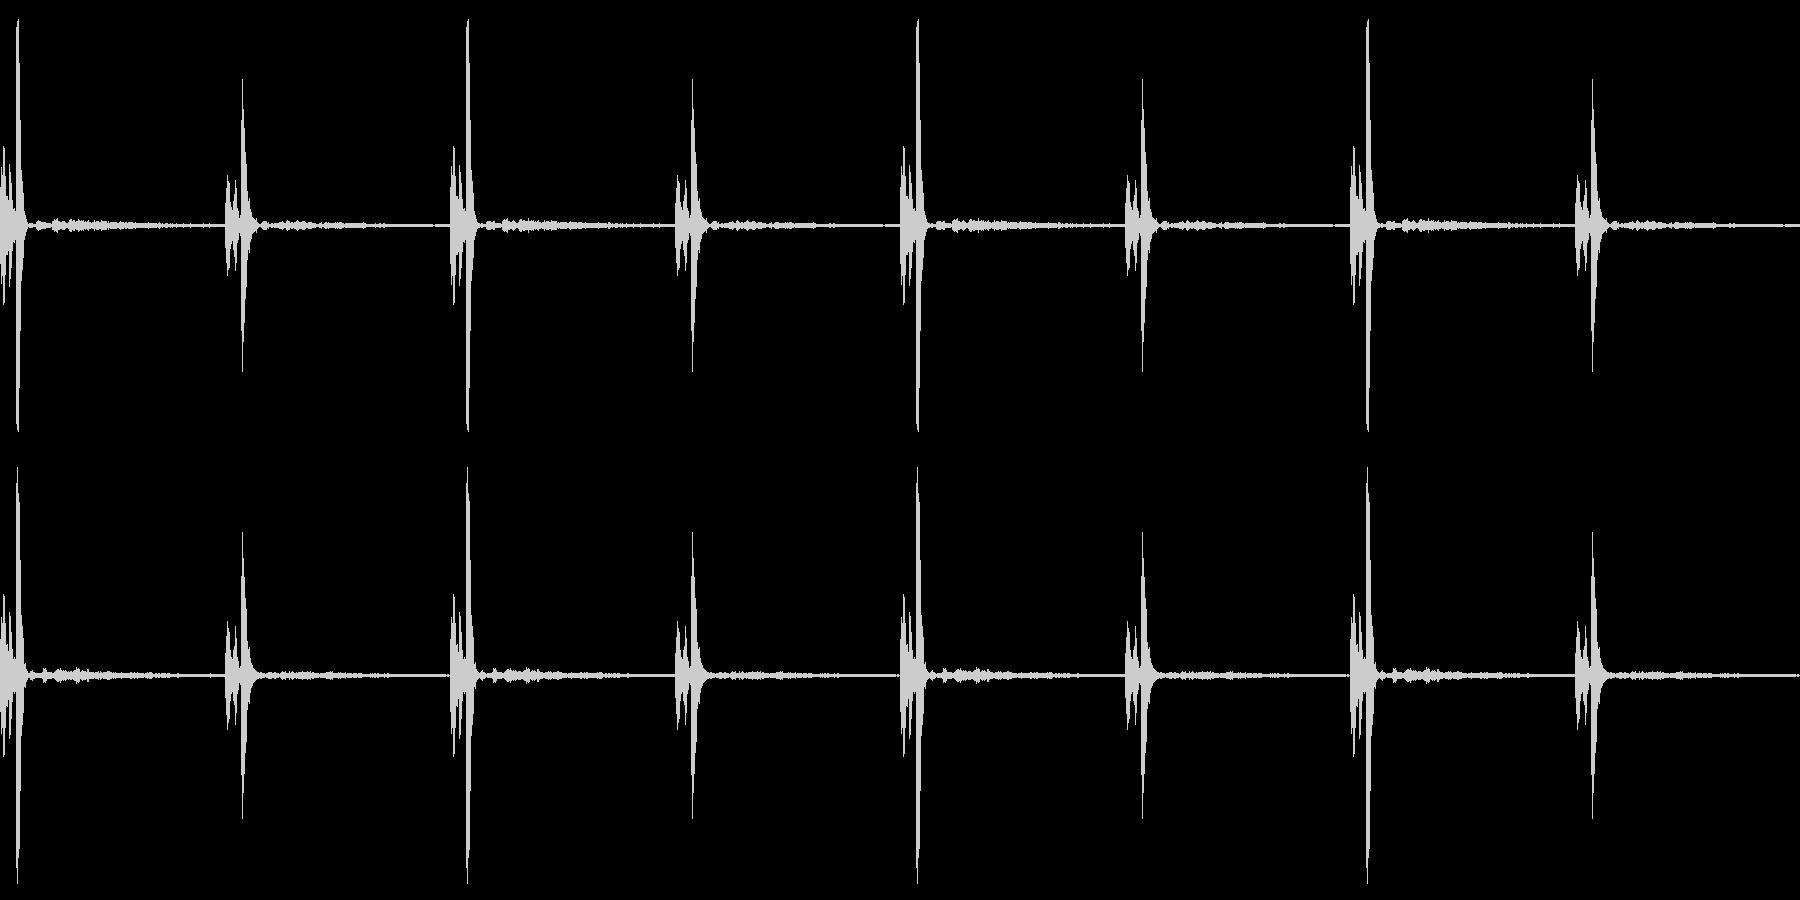 時計、タイマー、ストップウォッチ_B_7の未再生の波形